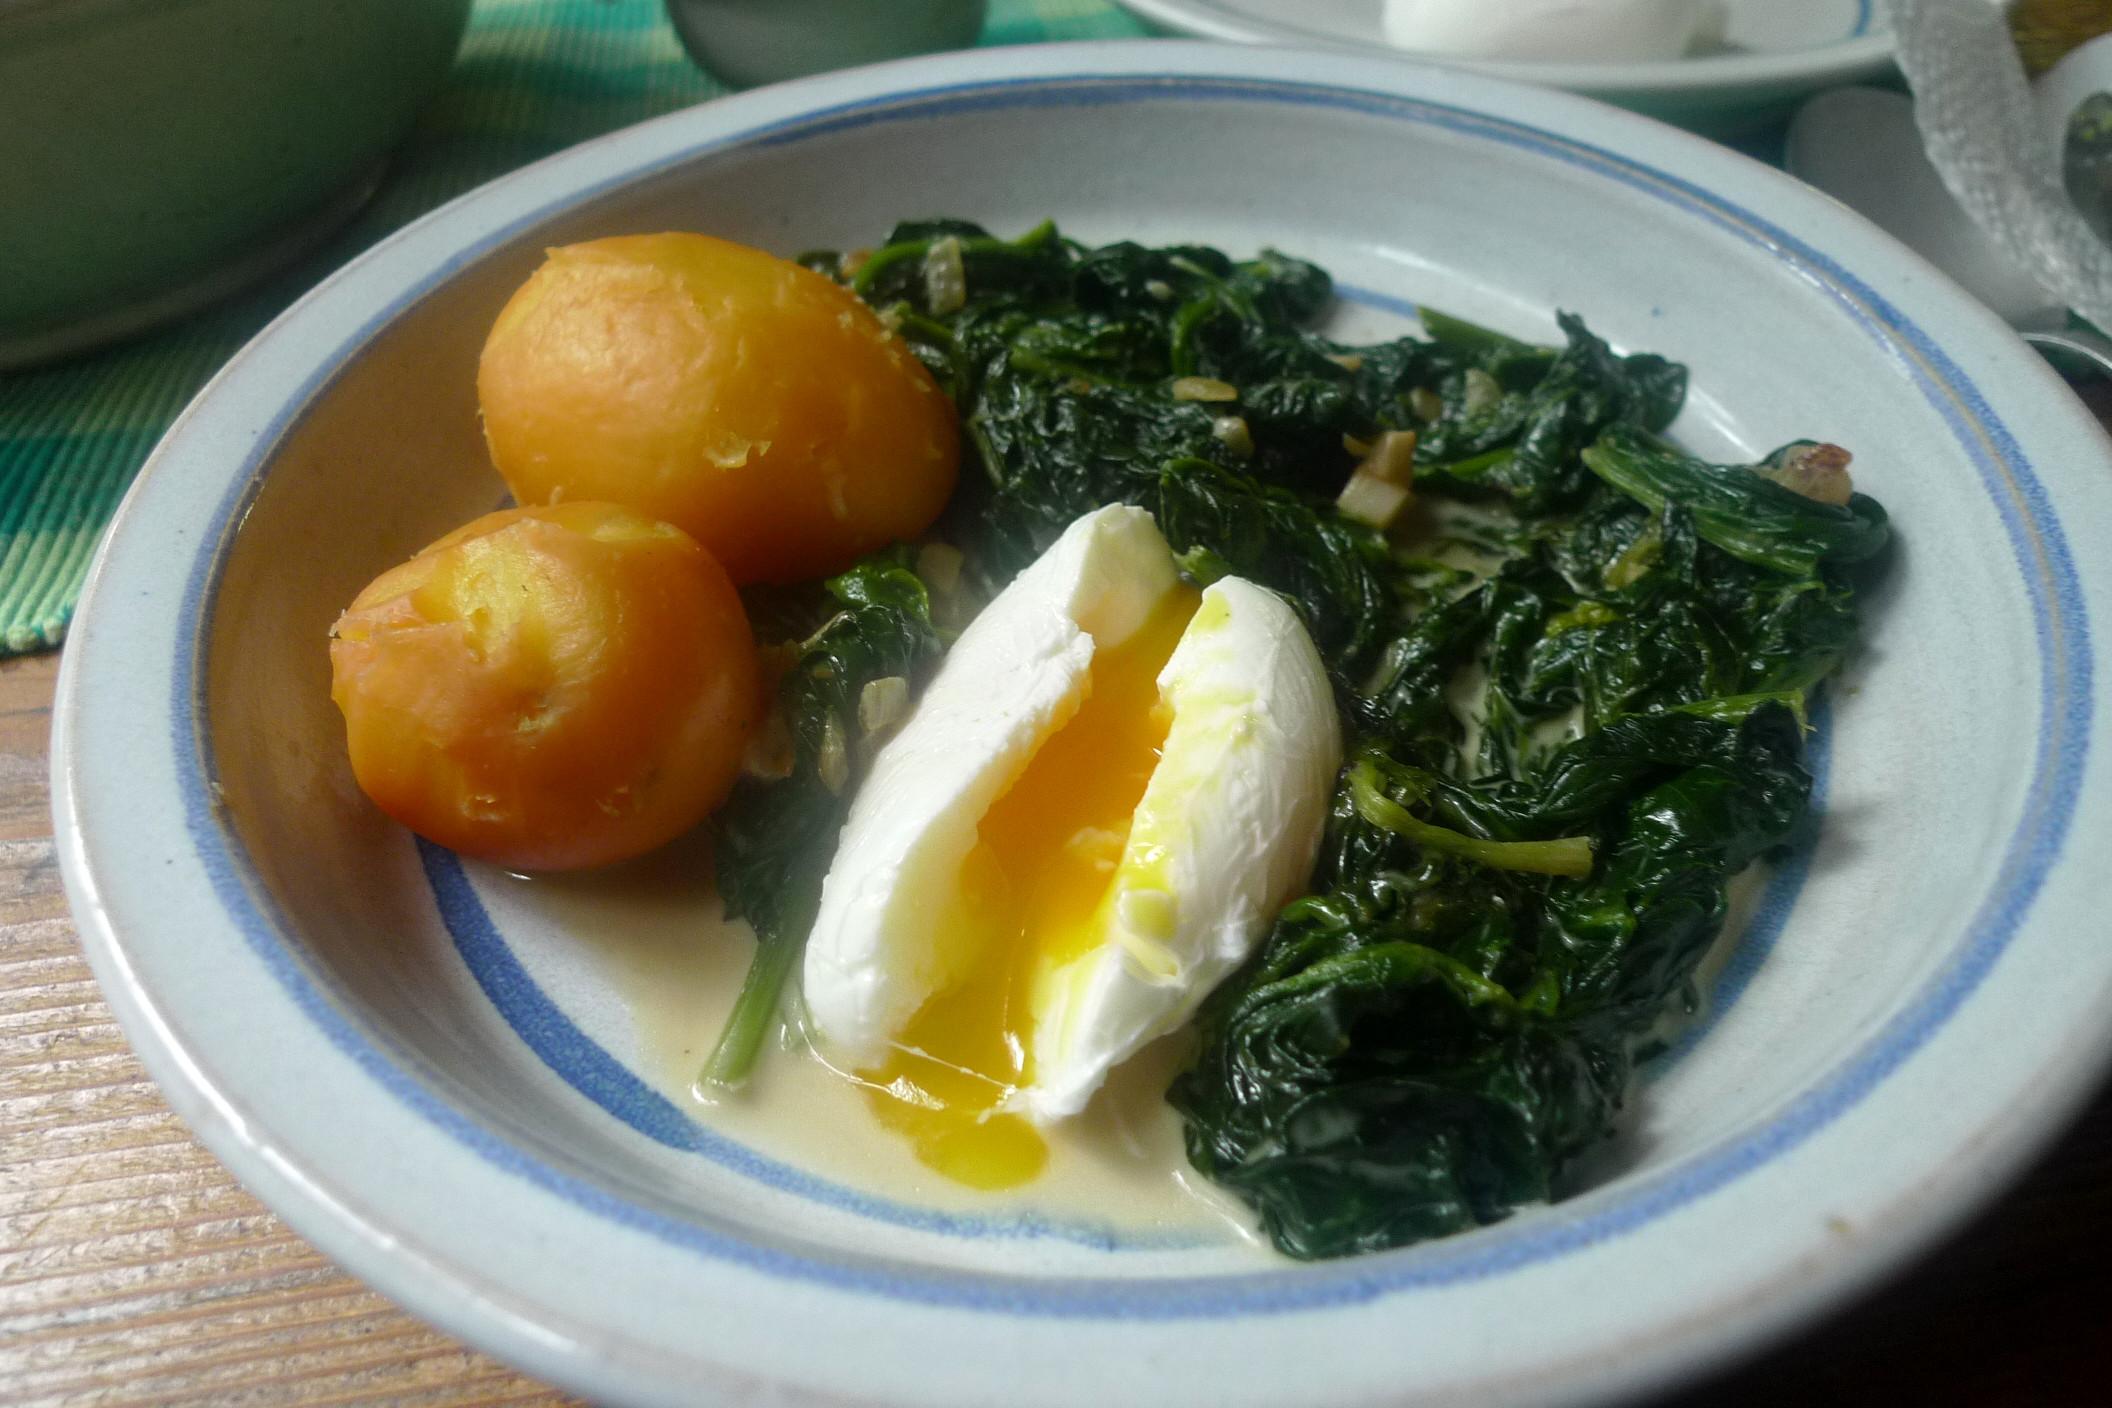 Heldunger frischer Spinat-Heldrunger Kartoffeln-pochiertes Ei